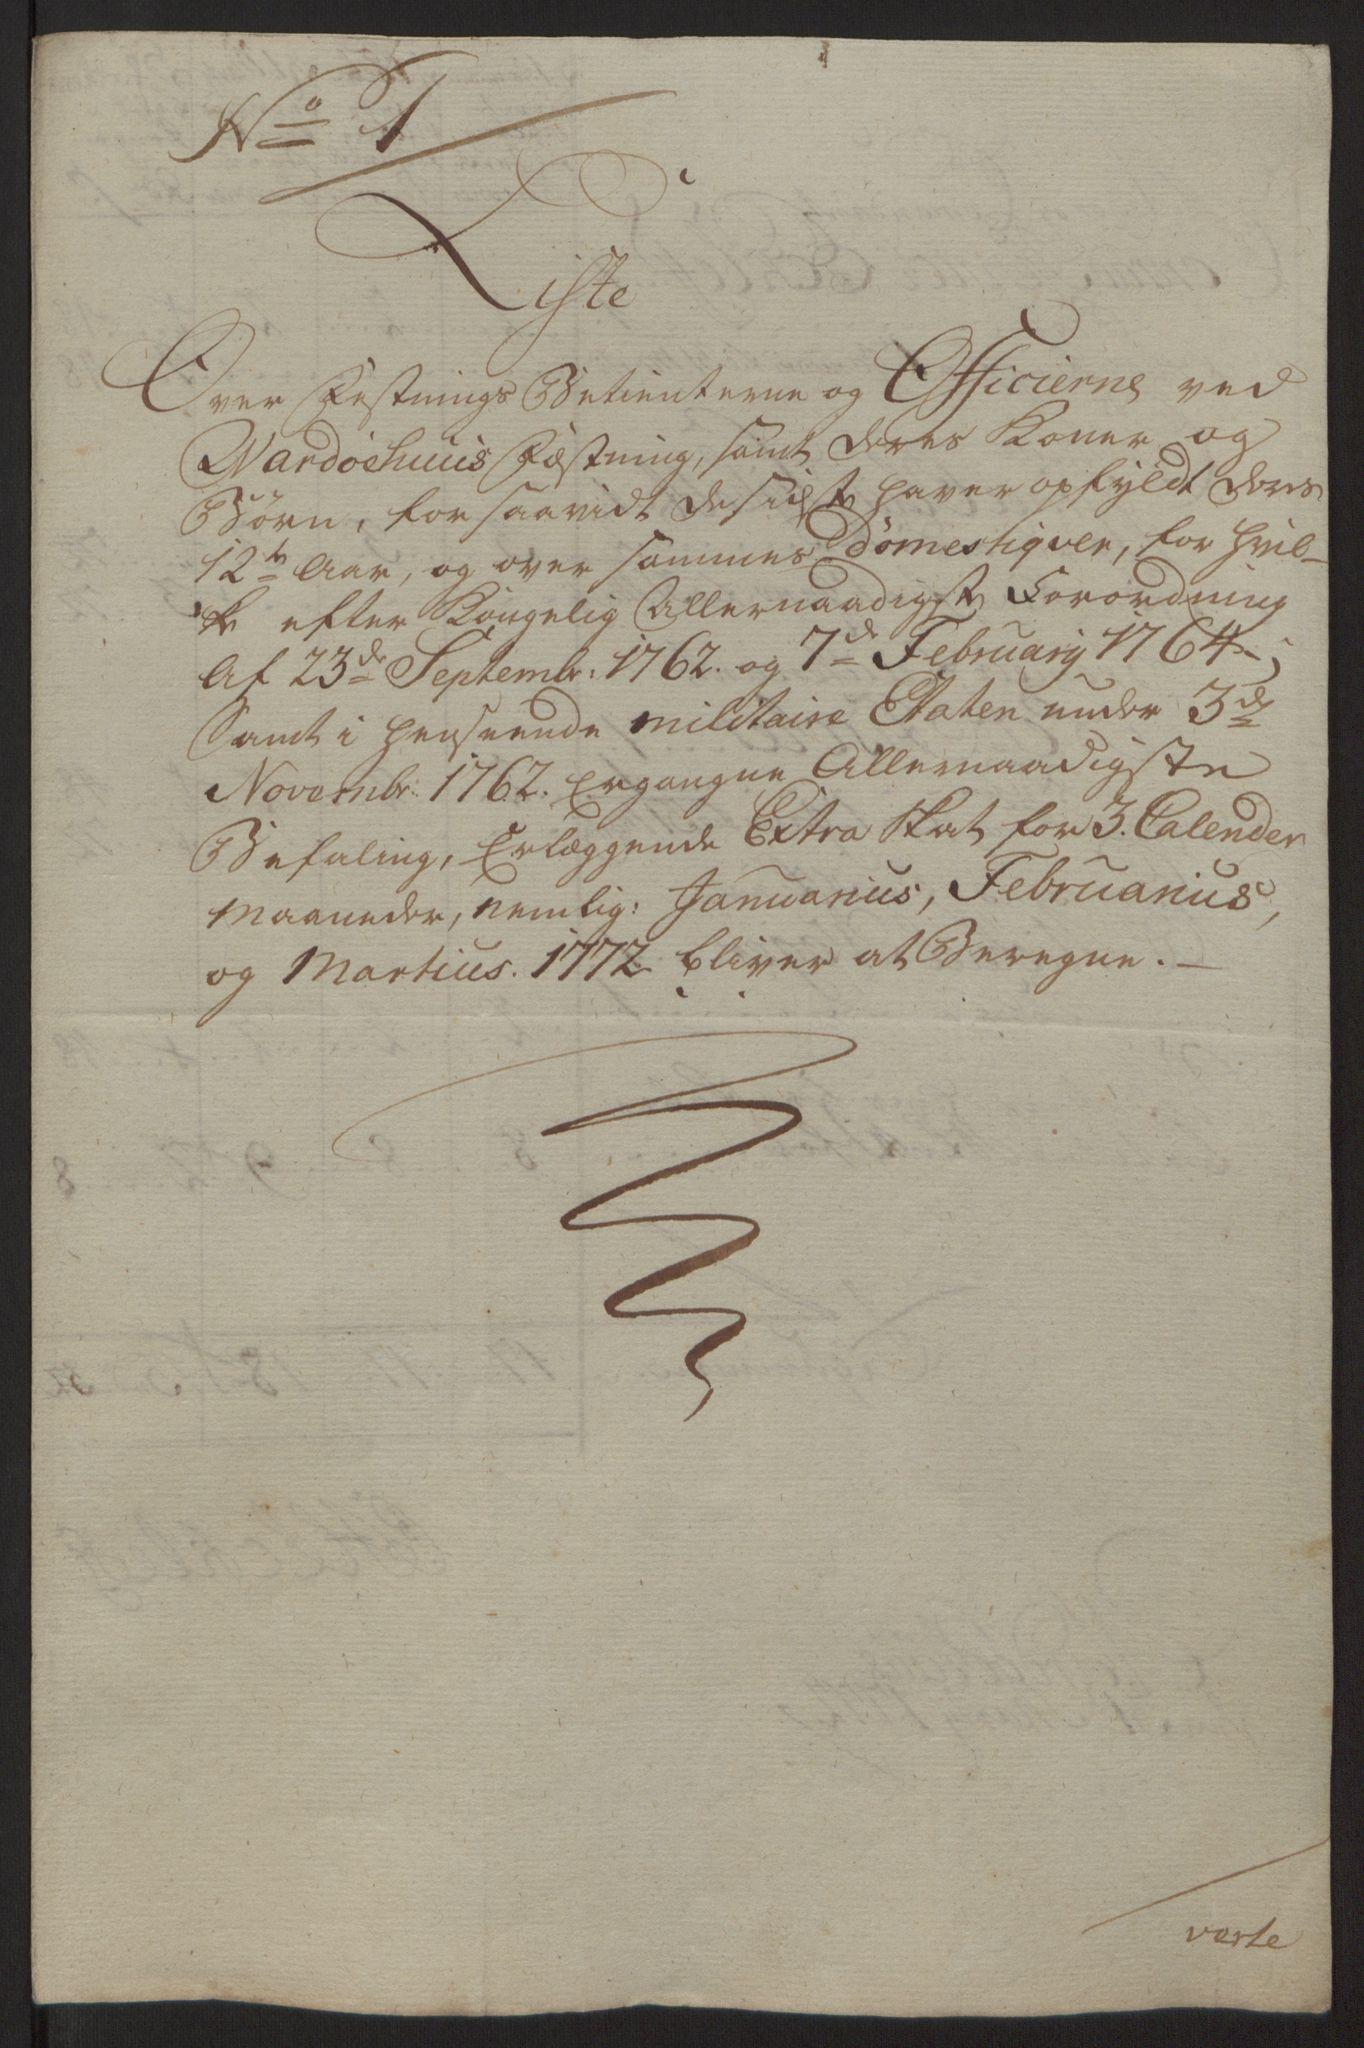 RA, Rentekammeret inntil 1814, Reviderte regnskaper, Fogderegnskap, R69/L4910: Ekstraskatten  Finnmark/Vardøhus, 1762-1772, s. 454